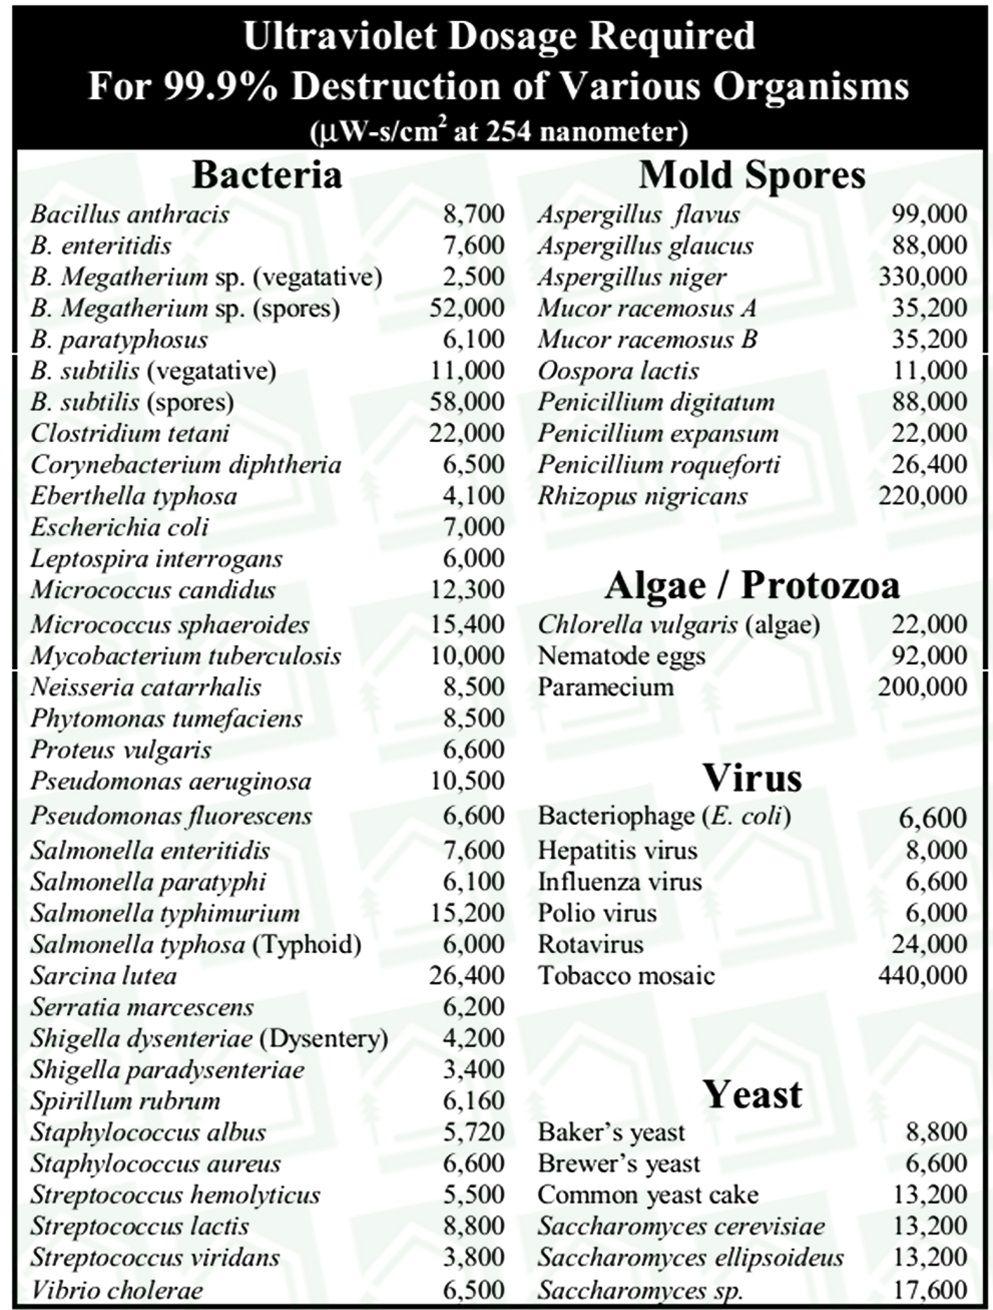 حذف میکروارگانیسم ها و باکتری ها در سیستم گندازدایی با فرابنفش